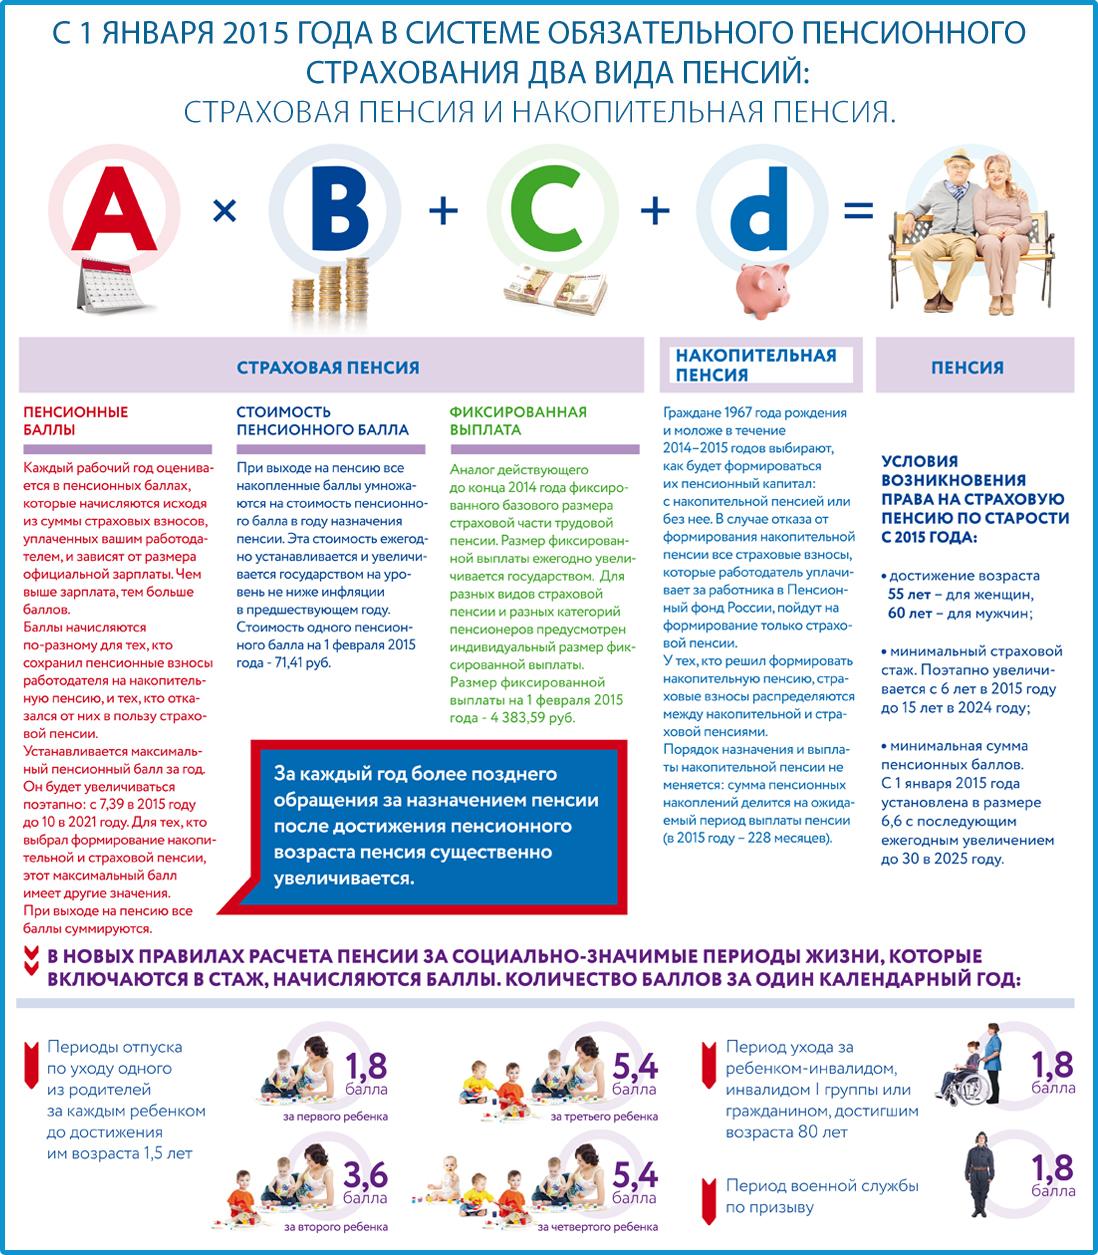 Список профессий дающих право на льготную пенсию в украине